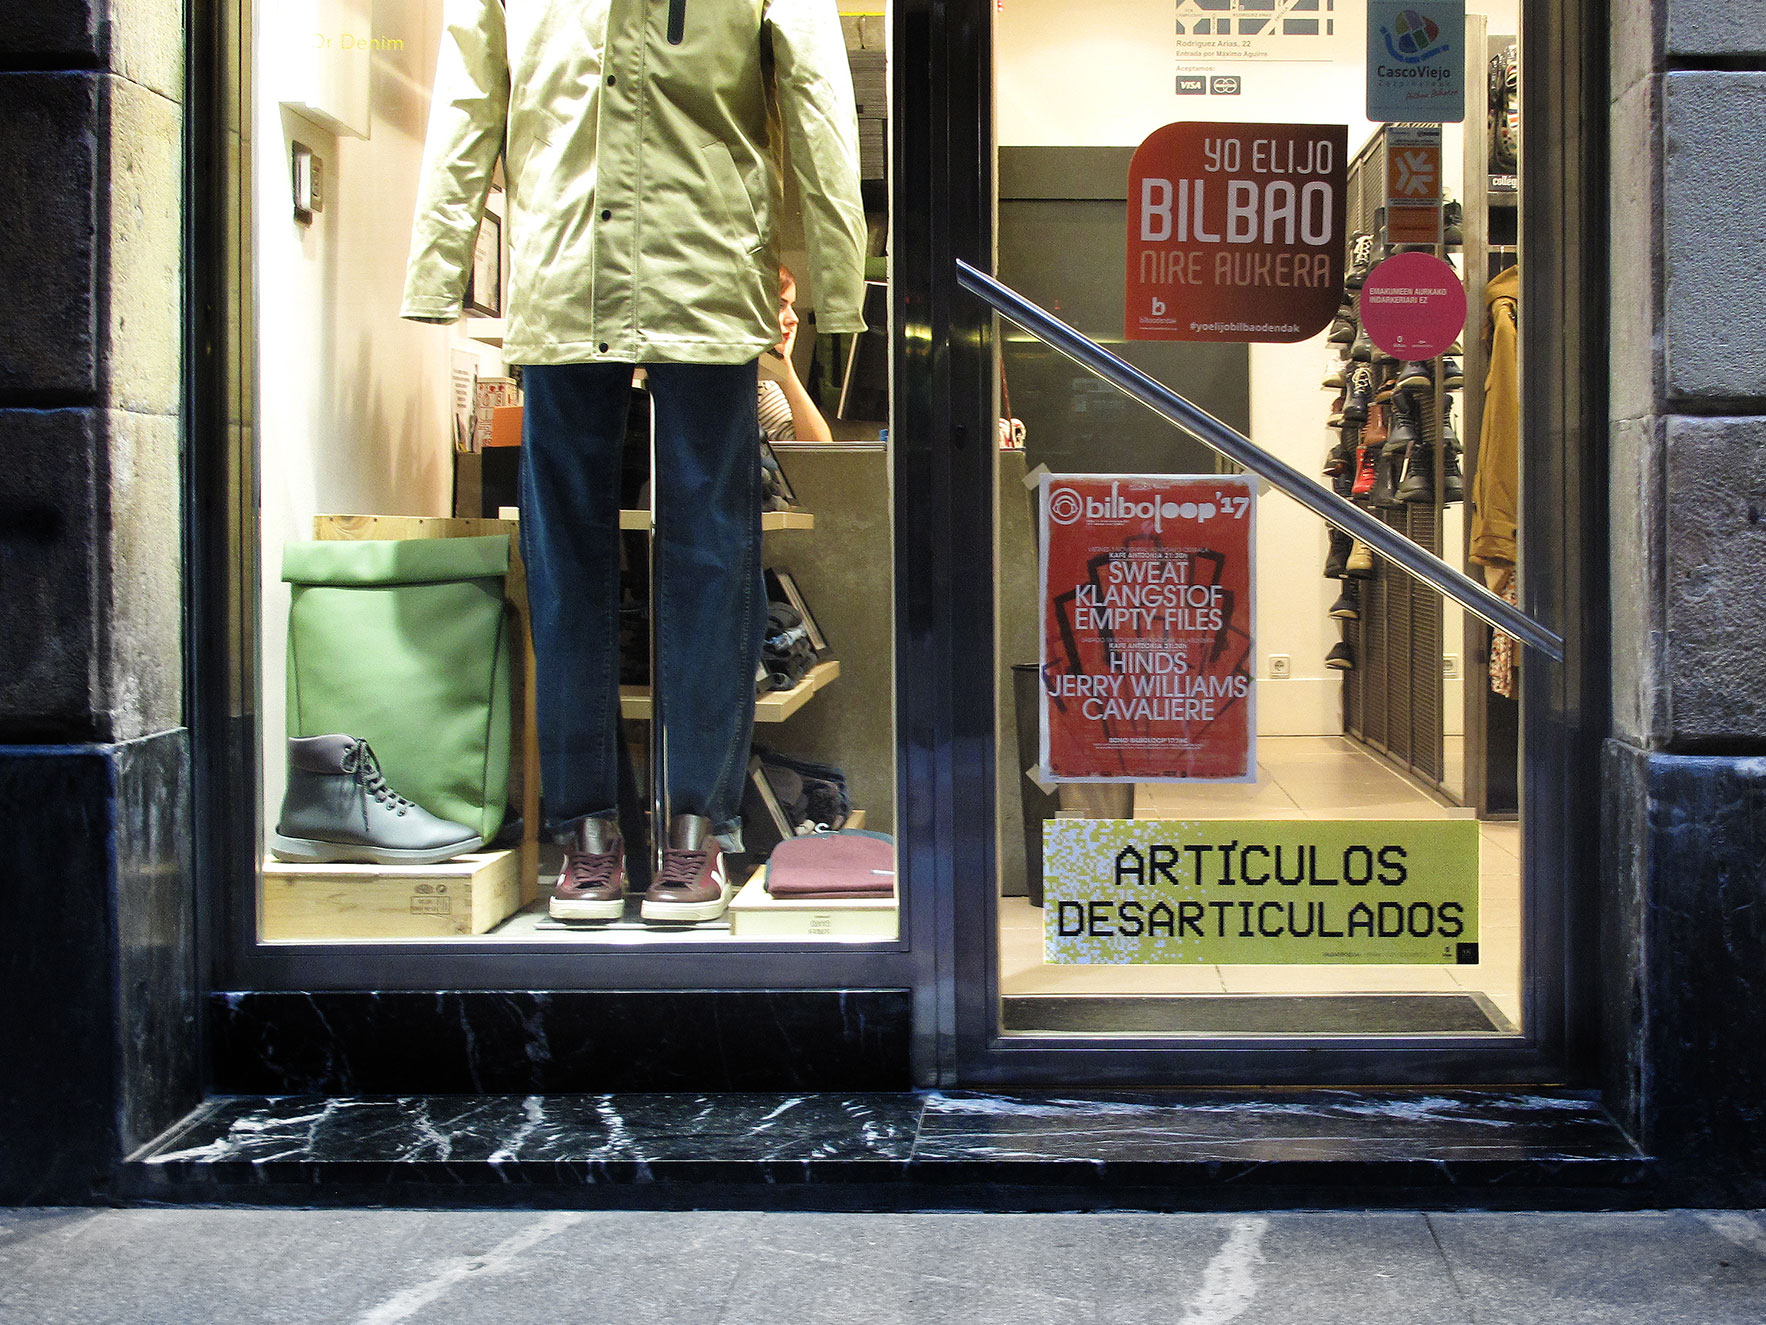 Bilbao poesía escaparate tienda Bilbao